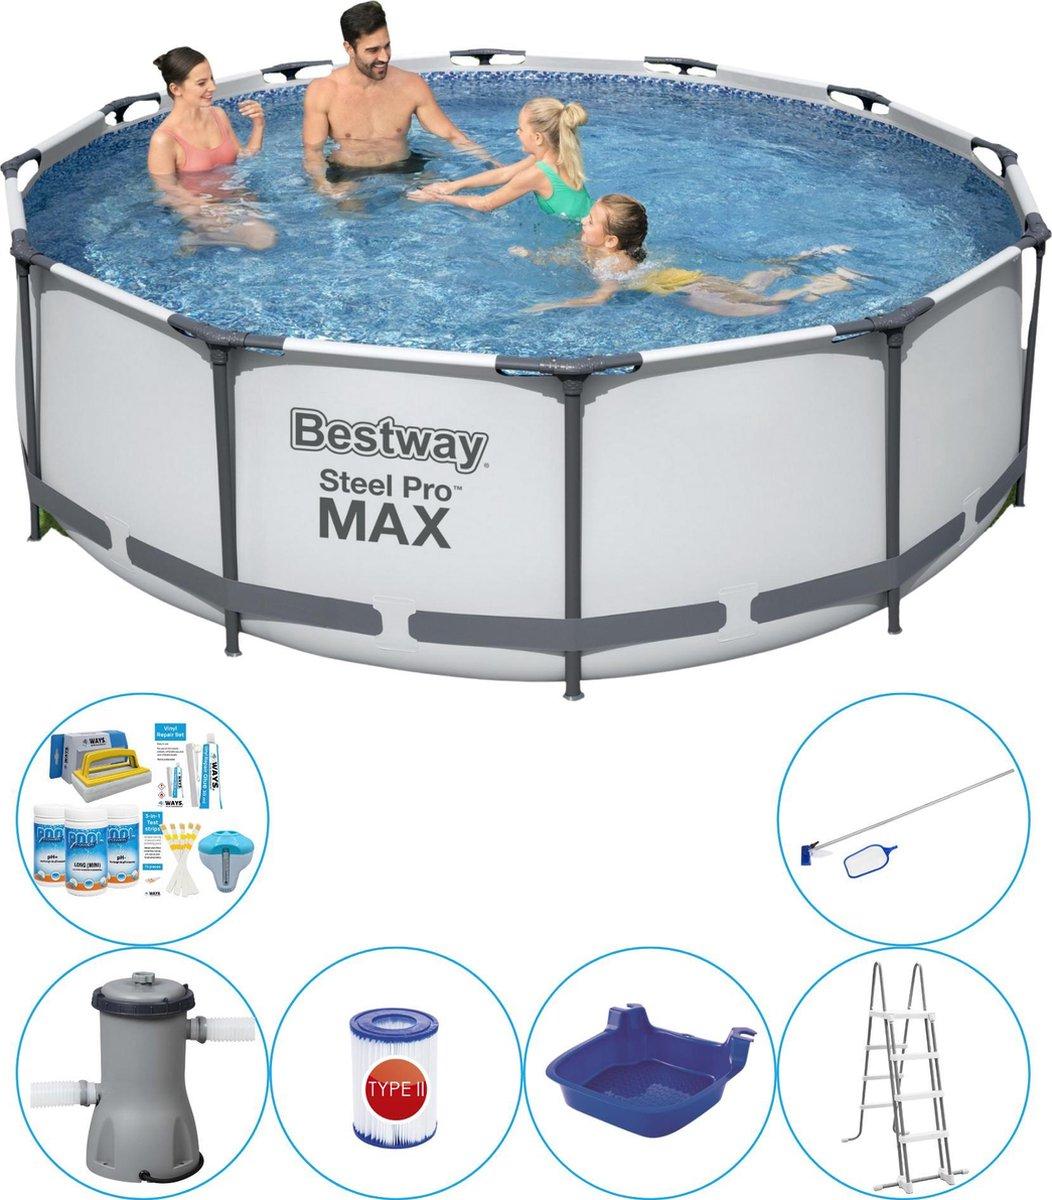 Bestway Steel Pro MAX Rond 366x100 cm - 7-delig - Zwembad Comfort Pakket